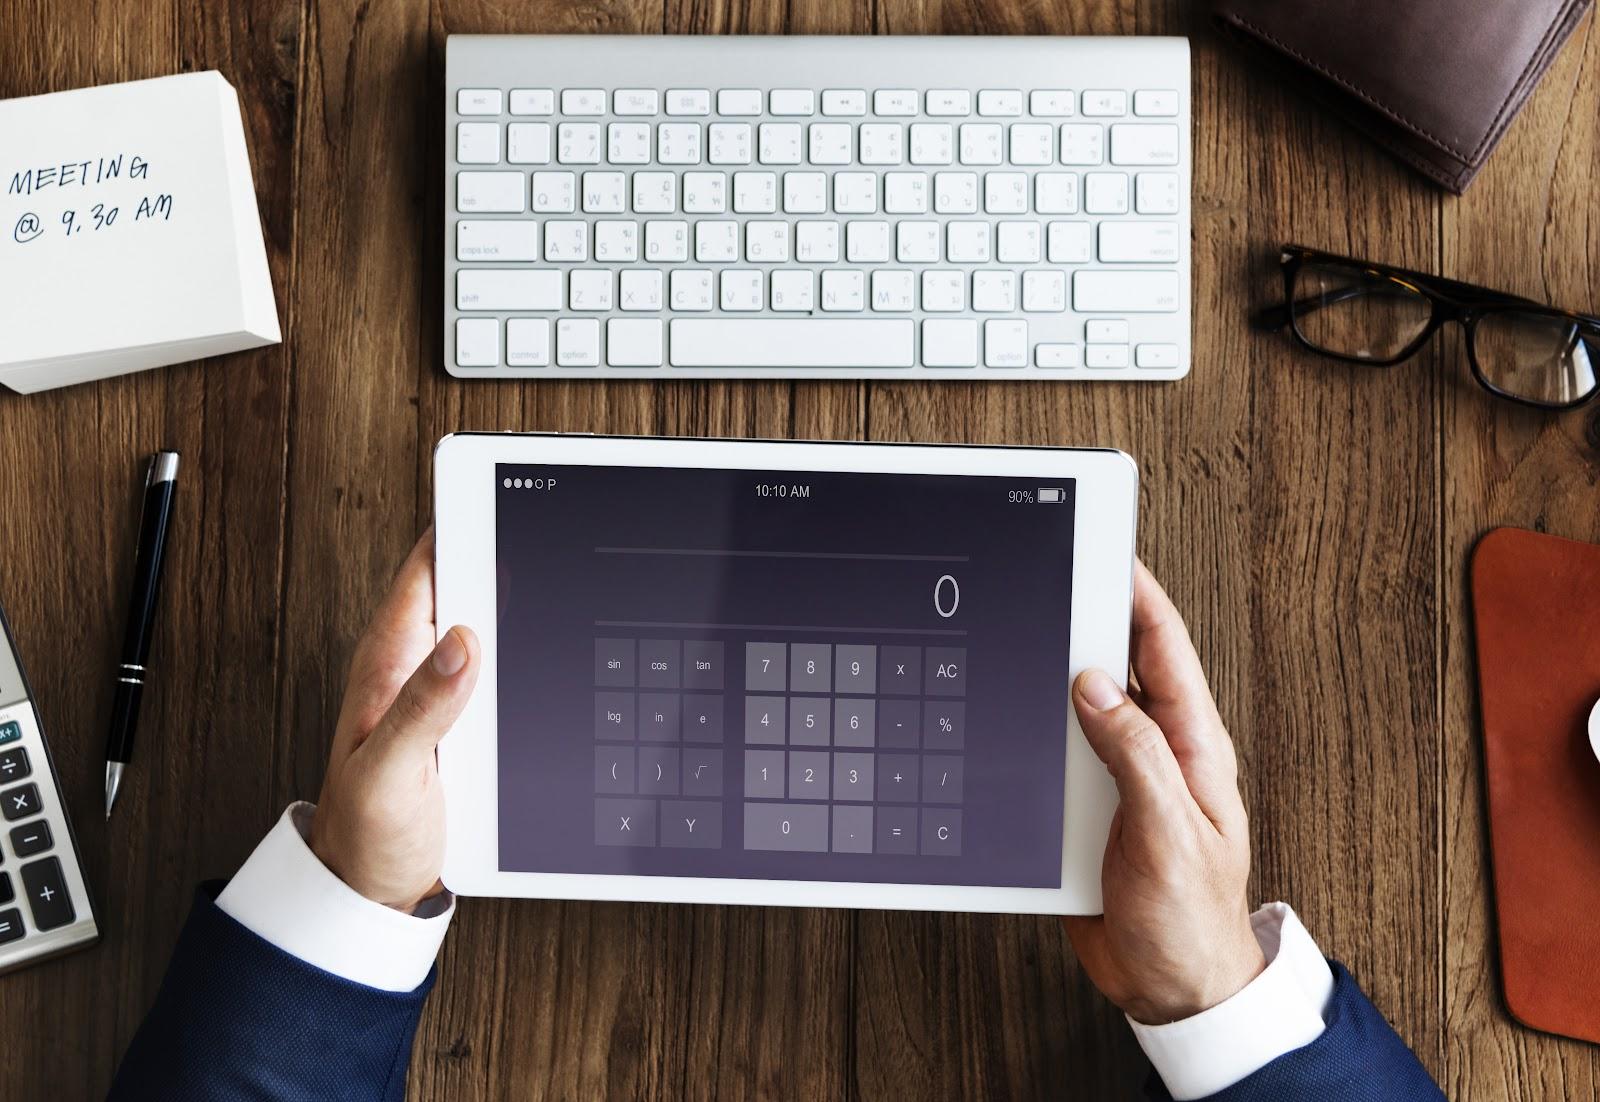 Uma mão segurando um tablet com a tela de uma calculadora.